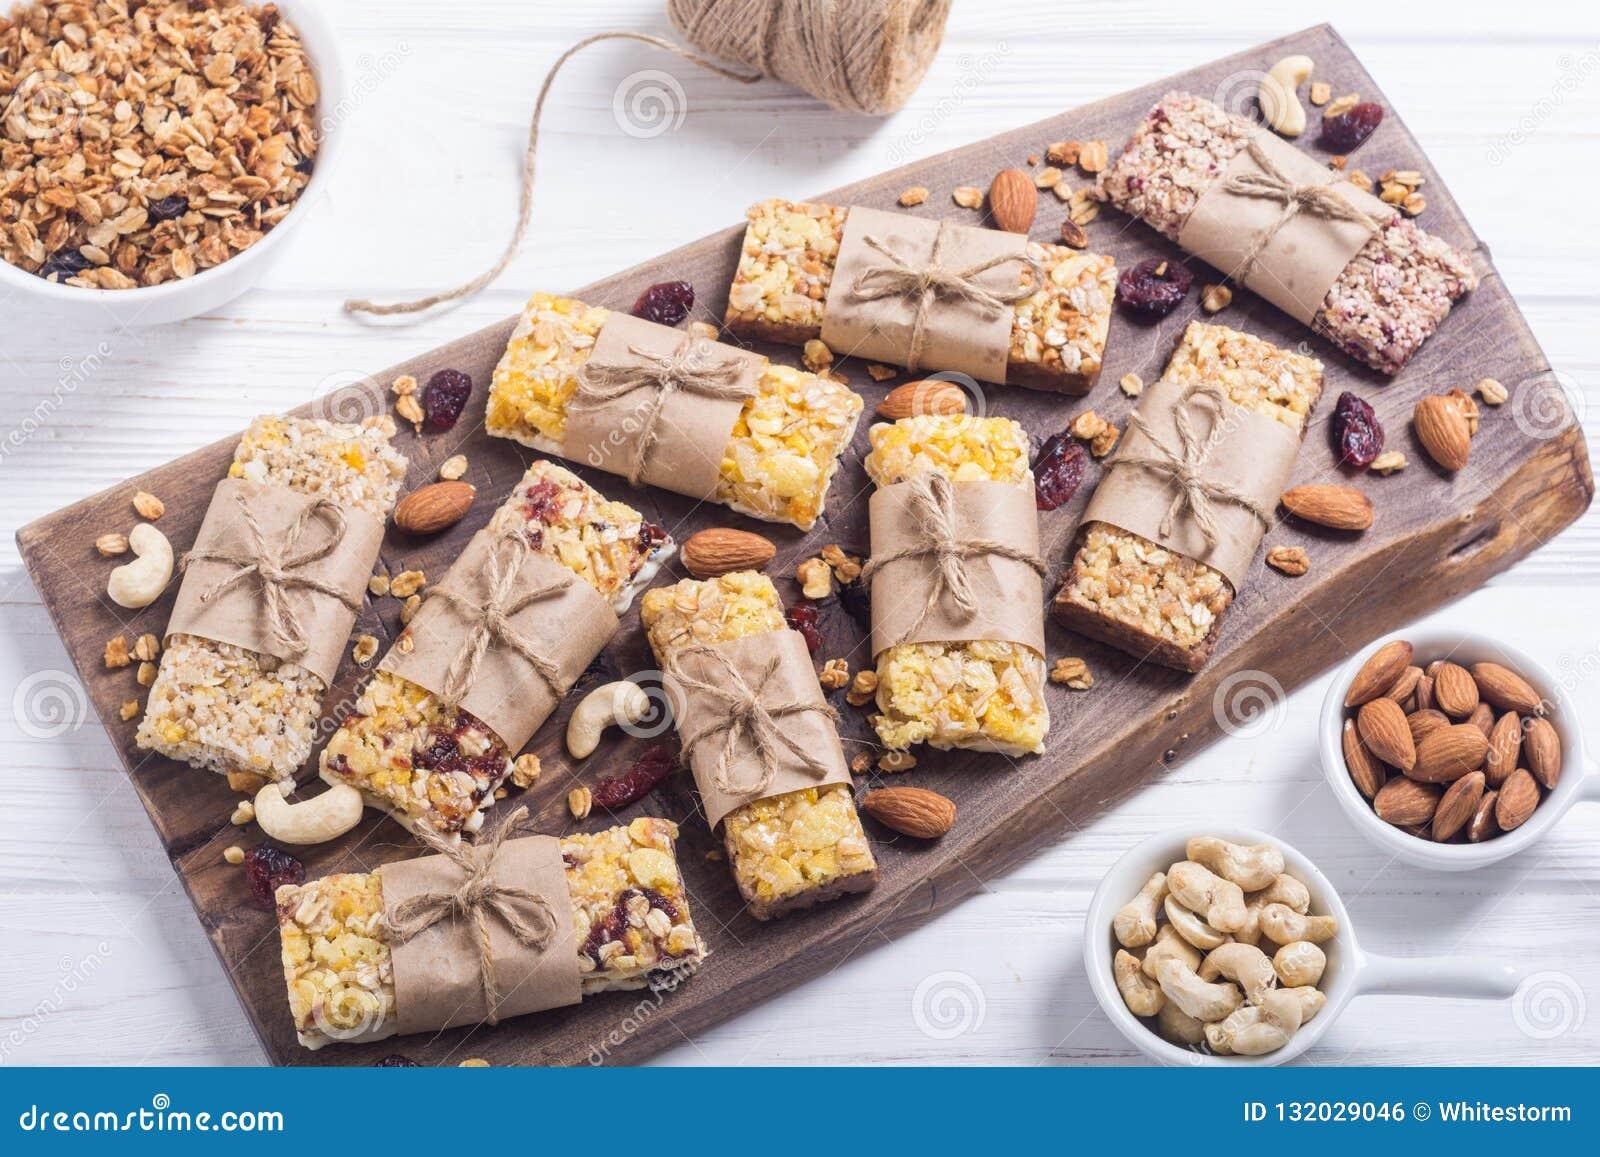 Healthy Homemade Snacks Breakfast   Granola Bars Stock Photo